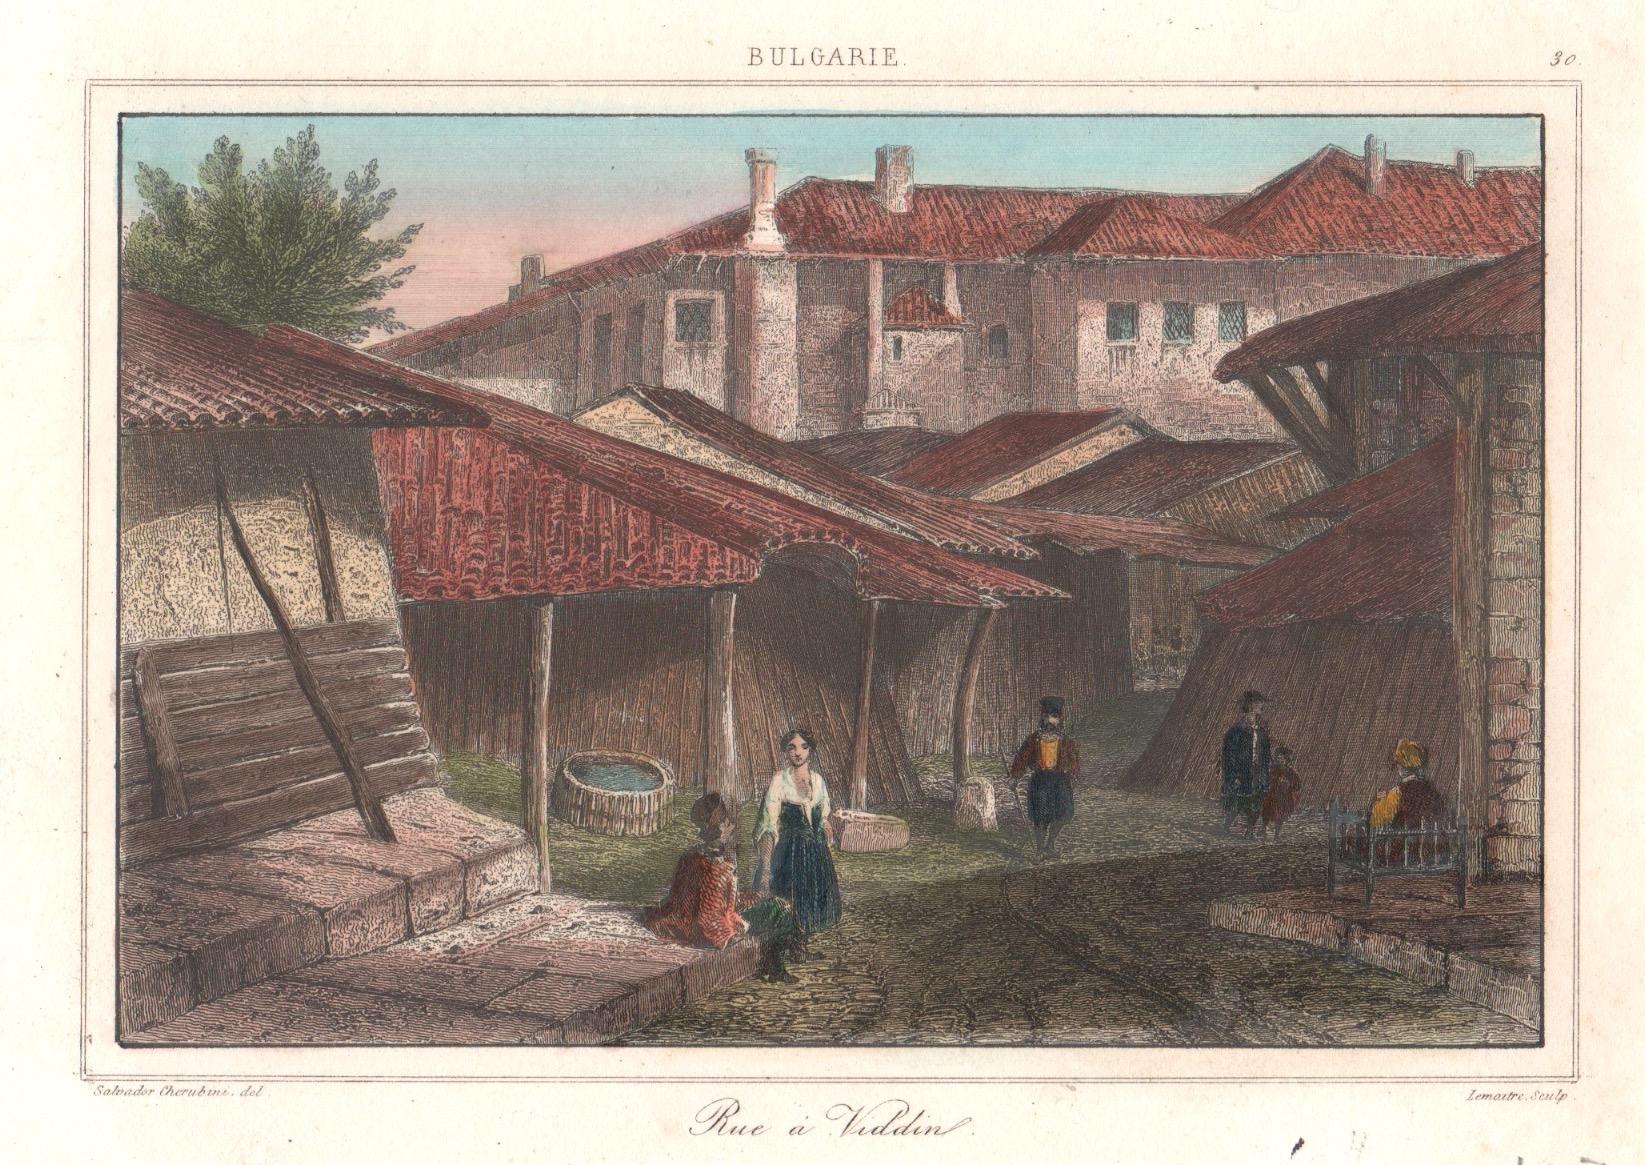 Lemaitre Augustin Francois Rue a Viddin.